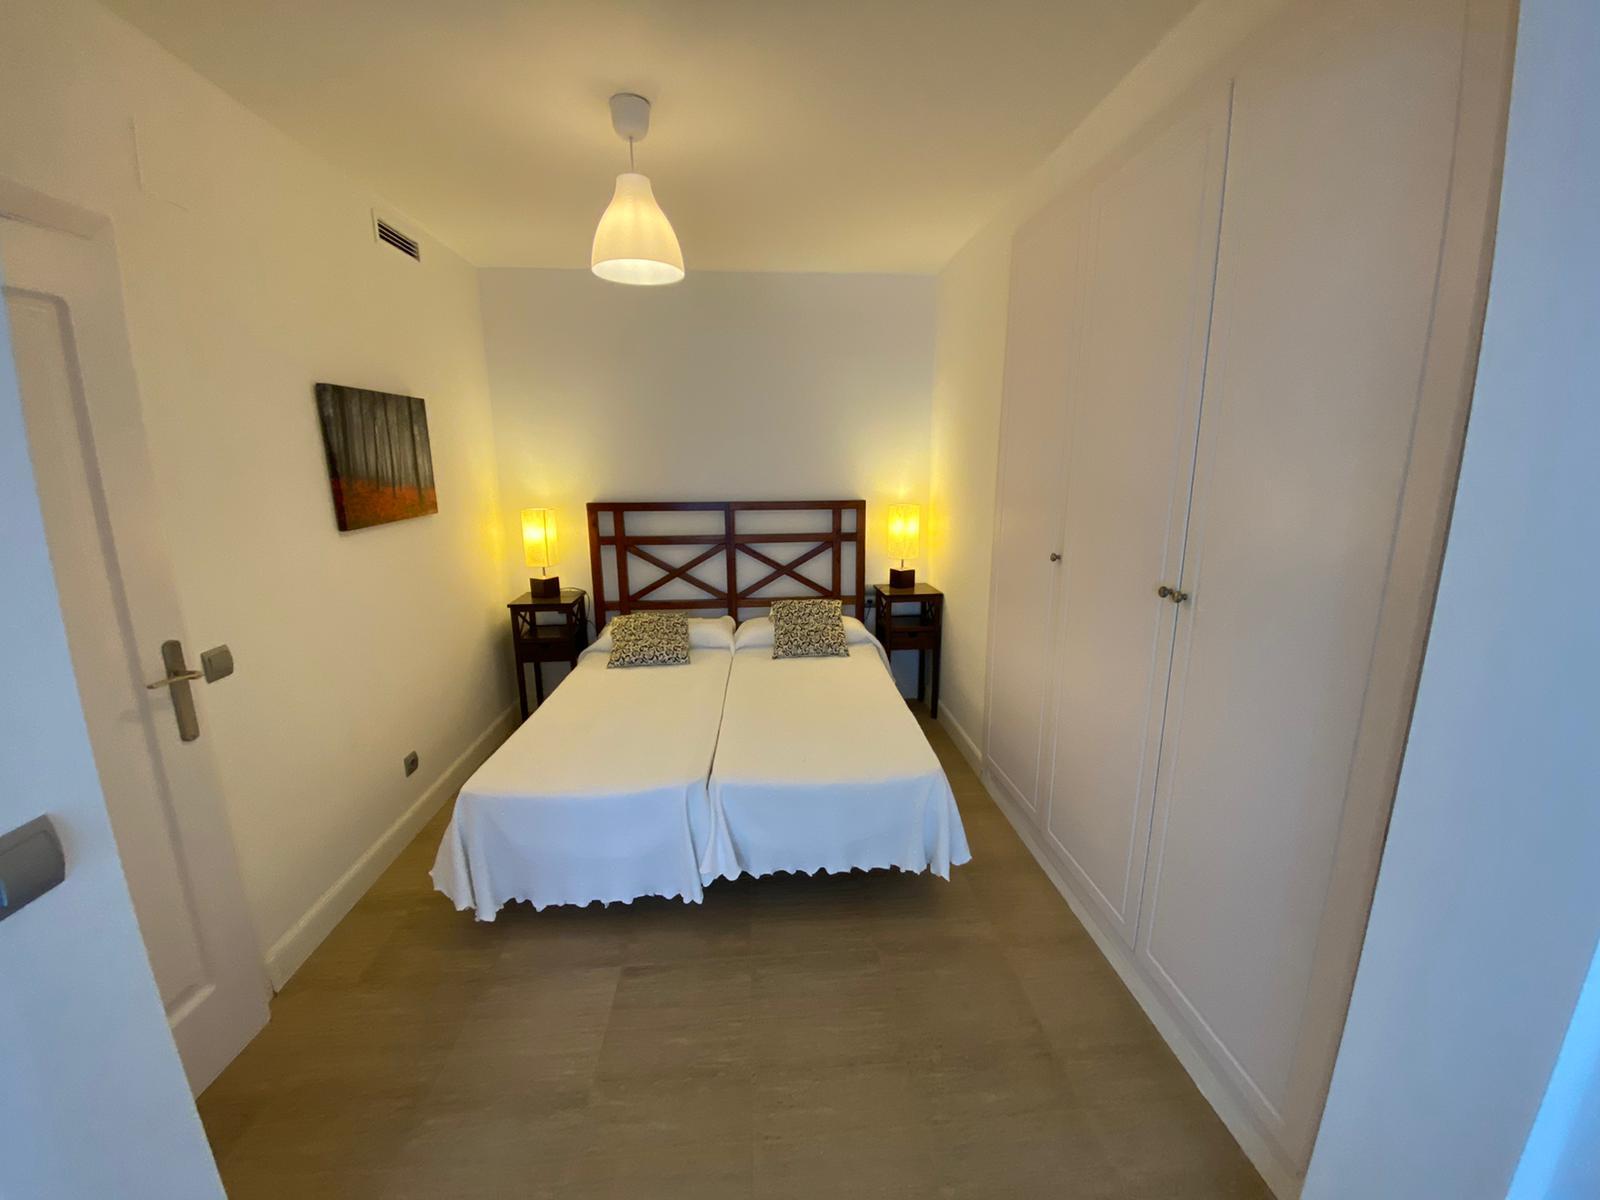 Imagen 23 del Apartamento Turístico, Ático 8 Poniente (3d+2b), Punta del Moral (HUELVA), Paseo de la Cruz nº22